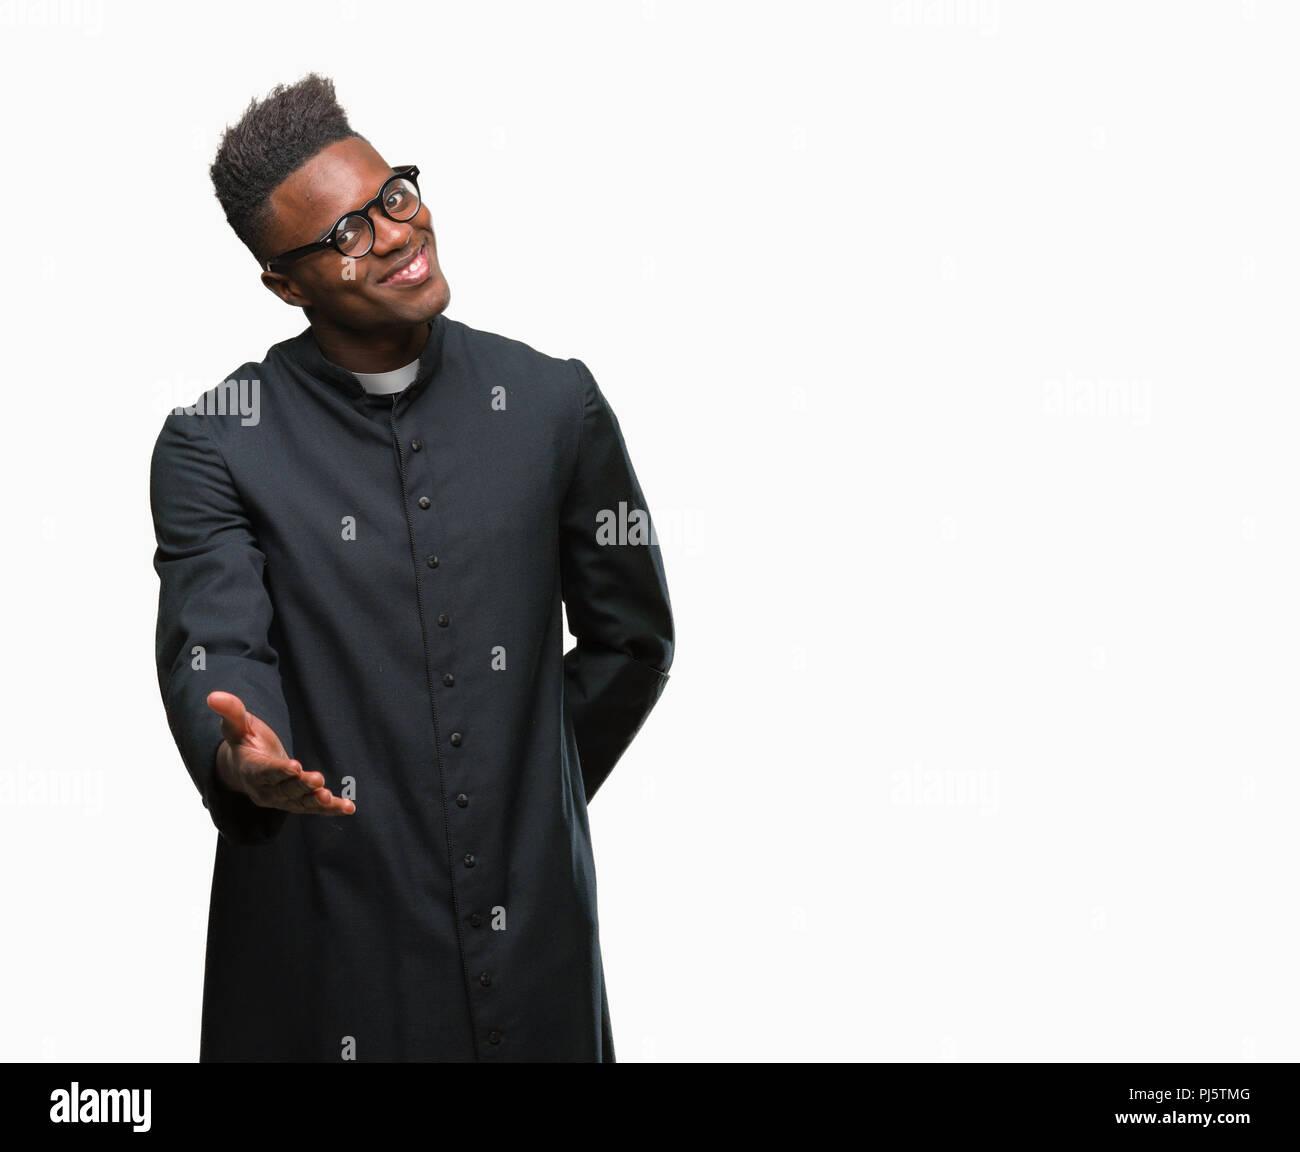 Jeune prêtre américain africain homme sur fond isolé smiling friendly offrant comme message d'handshake et accueillant. Réussite de l'entreprise. Photo Stock